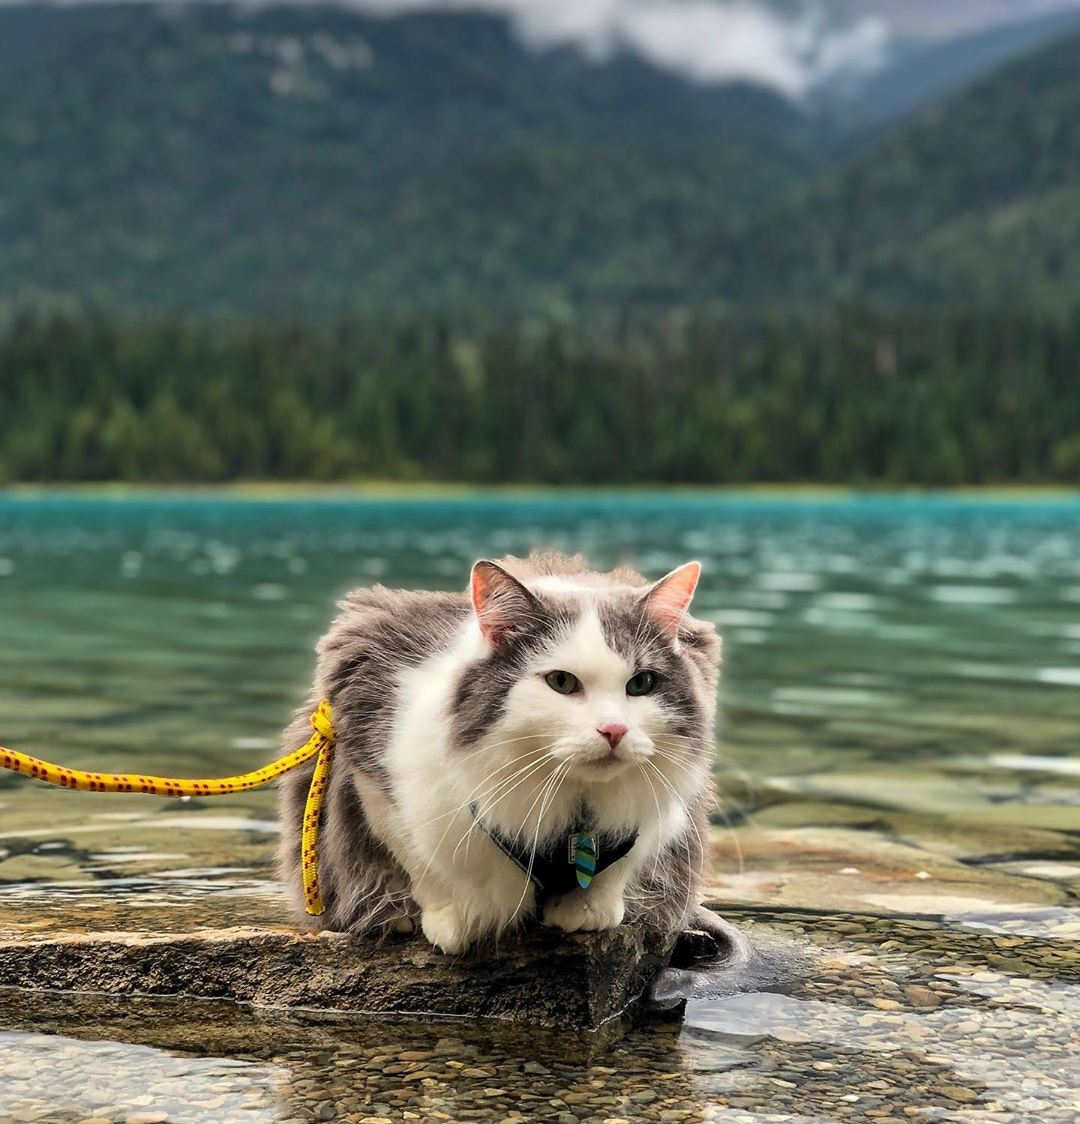 好動貓皇「跟奴才一起爬山」照片爆紅 牠的「超心酸的過去」讓網心疼!